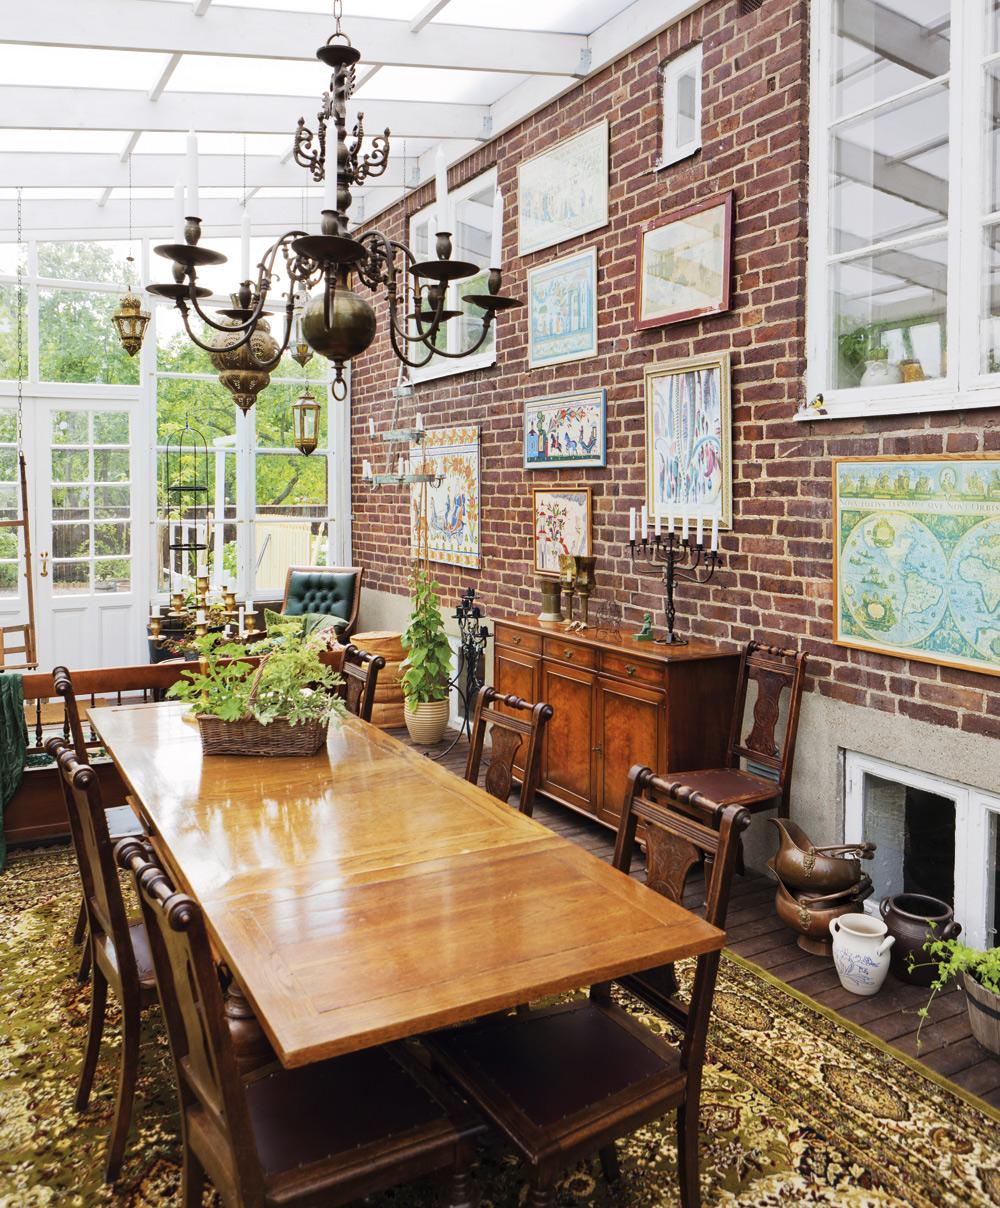 Matplatsen i vinterträdgården. Matsalsbord, stolar och ljuskrona i taket. På ytterväggen har Sandra hängt tavlor och ställt en skänk. Hon vill att känslan inne i huset ska flyta med till uterummet. Alla möbler är köpta på olika auktioner.